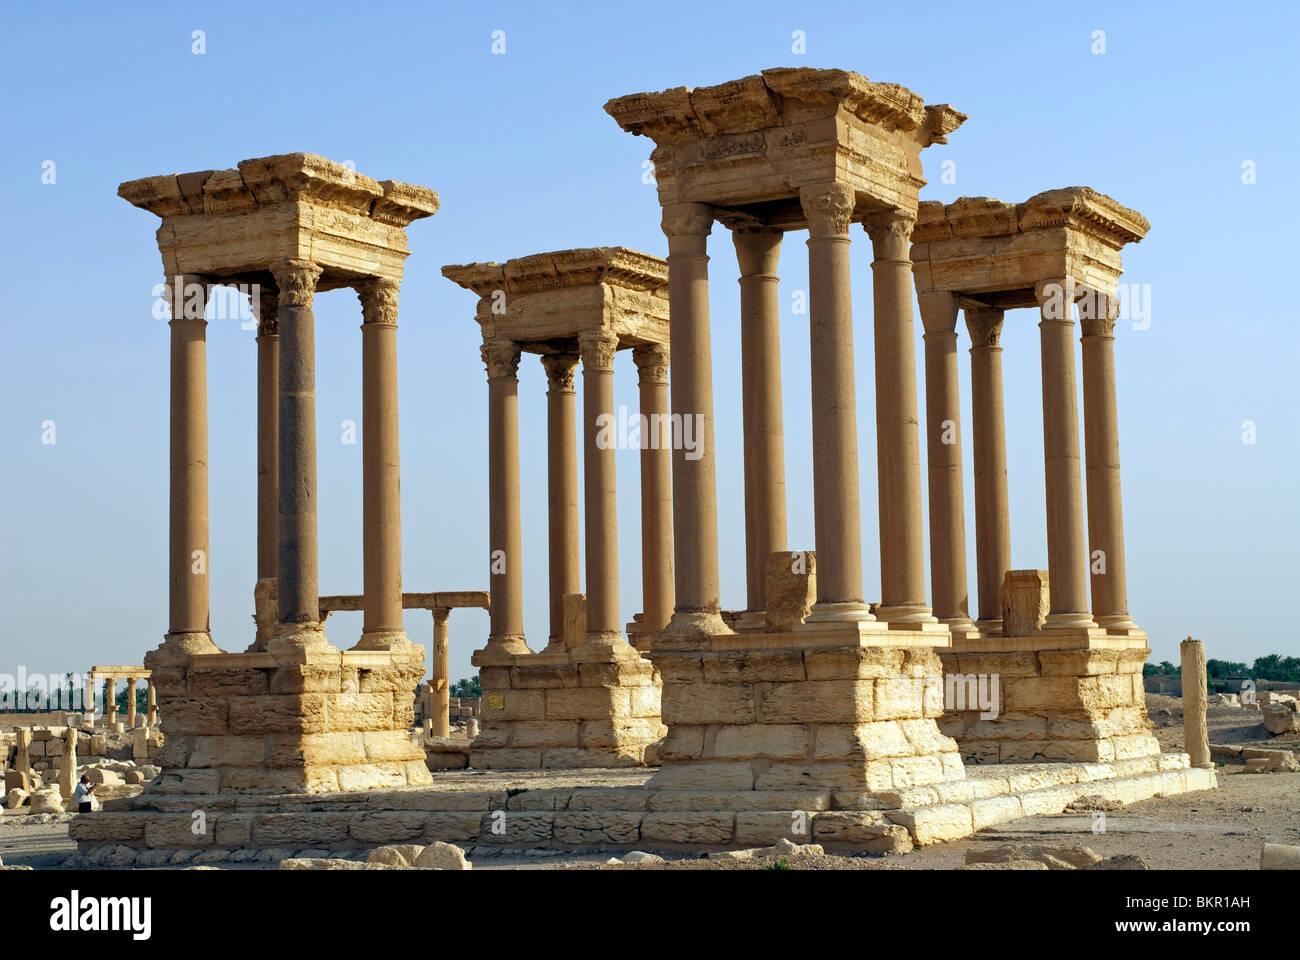 Syria, Palmyra. The Tetrapylon on the cardo maximus. - Stock Image